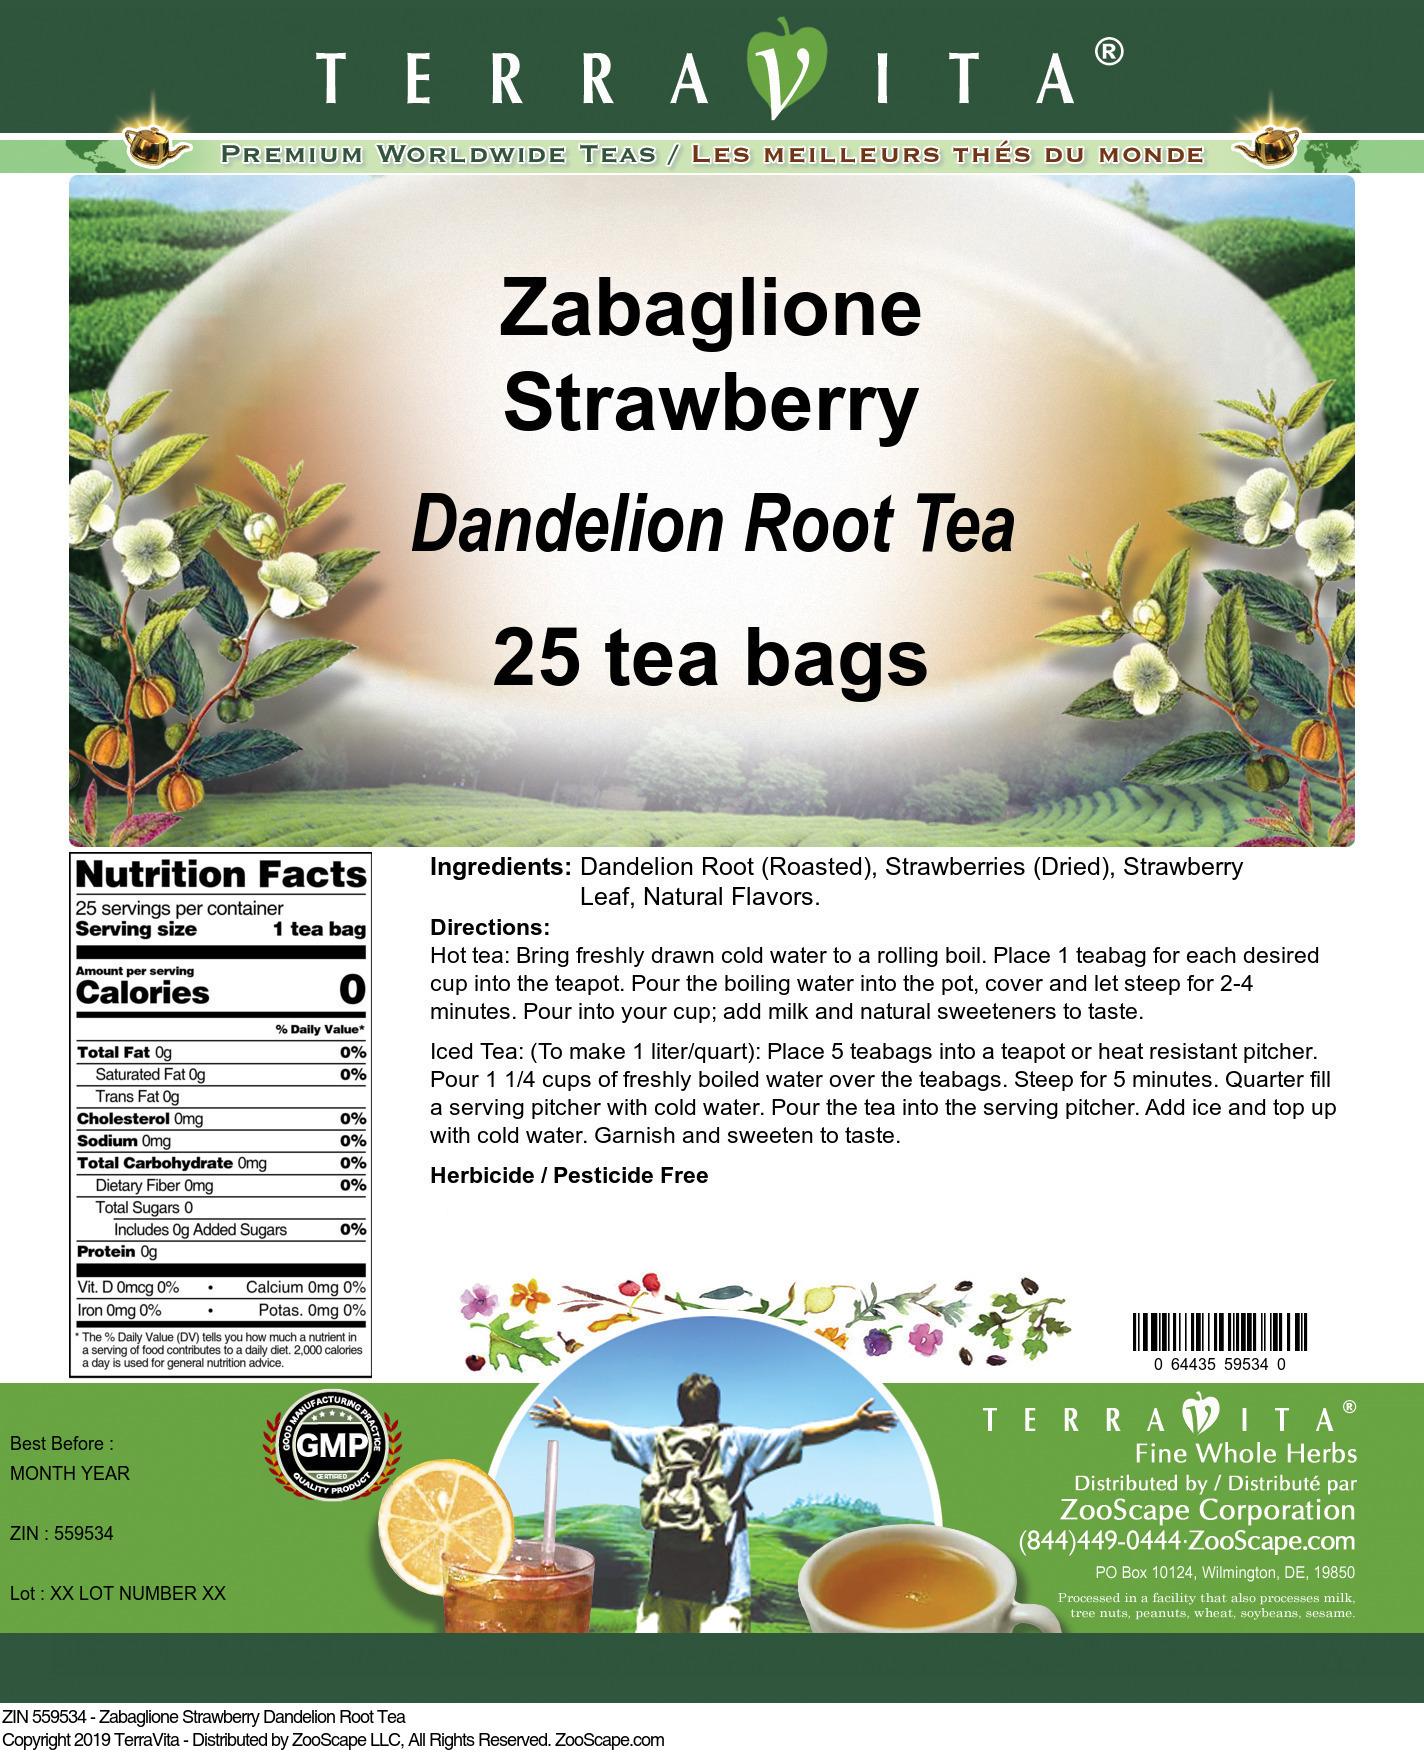 Zabaglione Strawberry Dandelion Root Tea